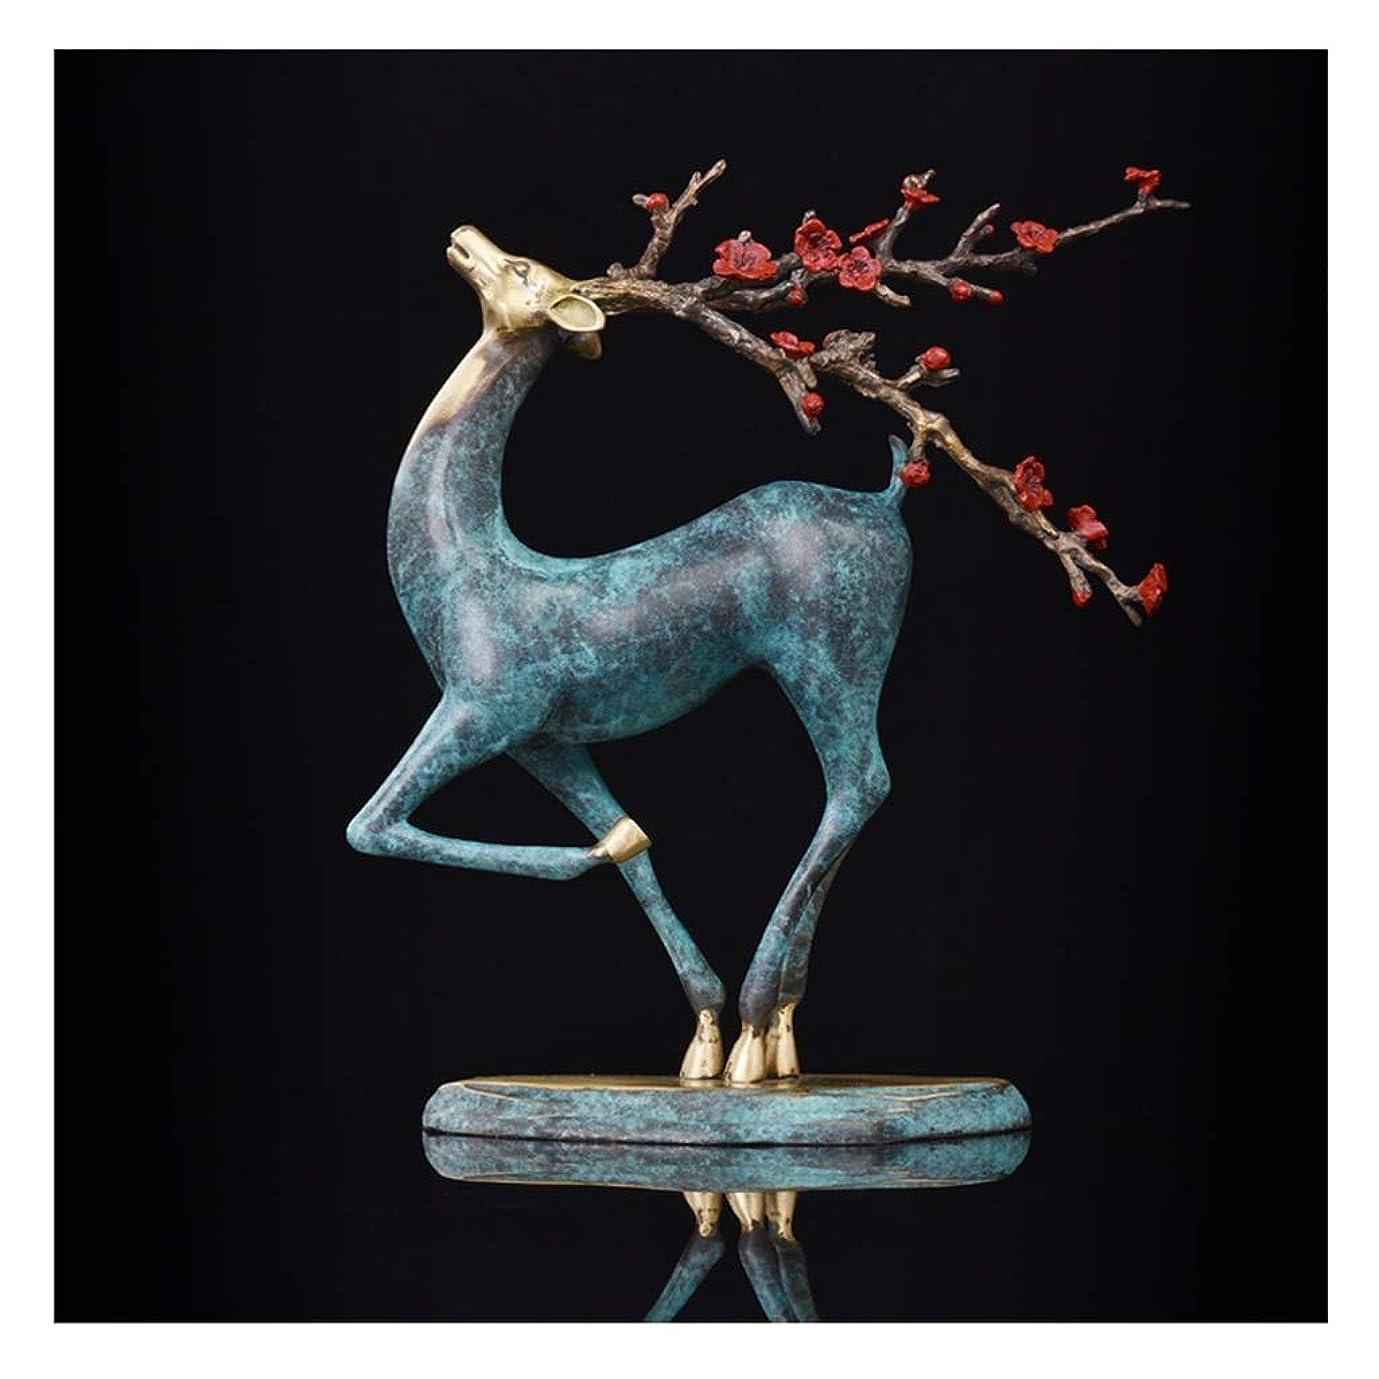 物理ドルオープニングGWM 純粋な銅鹿ジュエリー、家の装飾、リビングルーム、ポーチオフィス、工芸品、ギフト、ニホンジカ